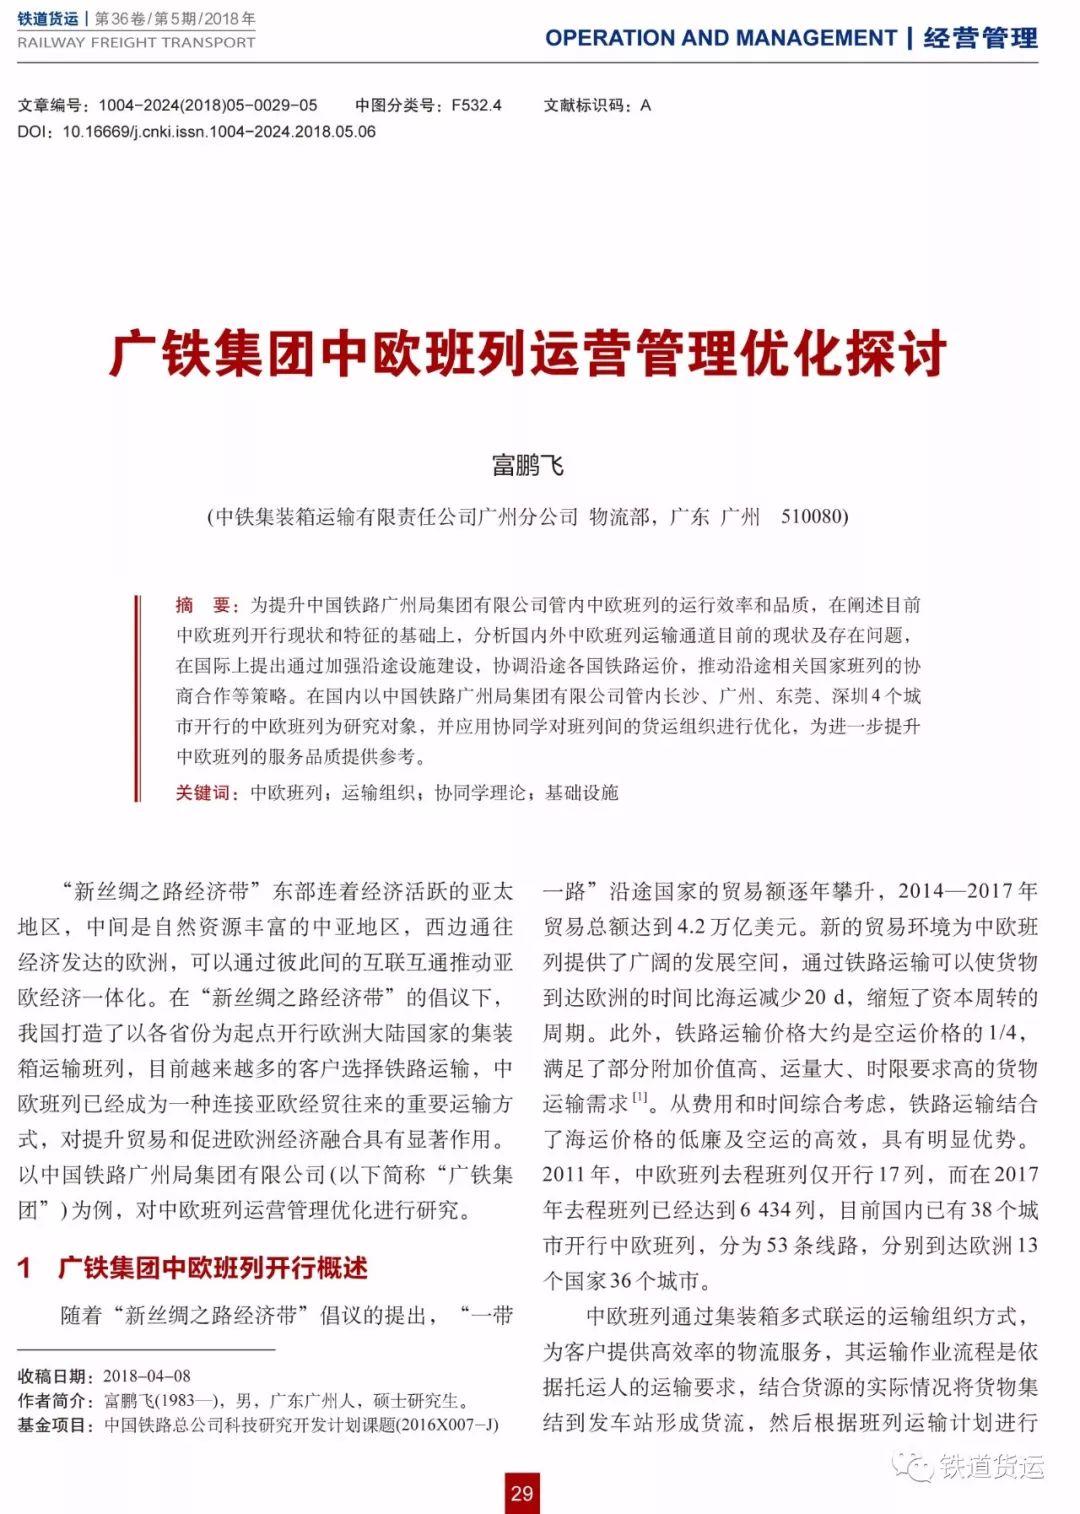 《广铁集团中欧班列运营管理优化探讨》